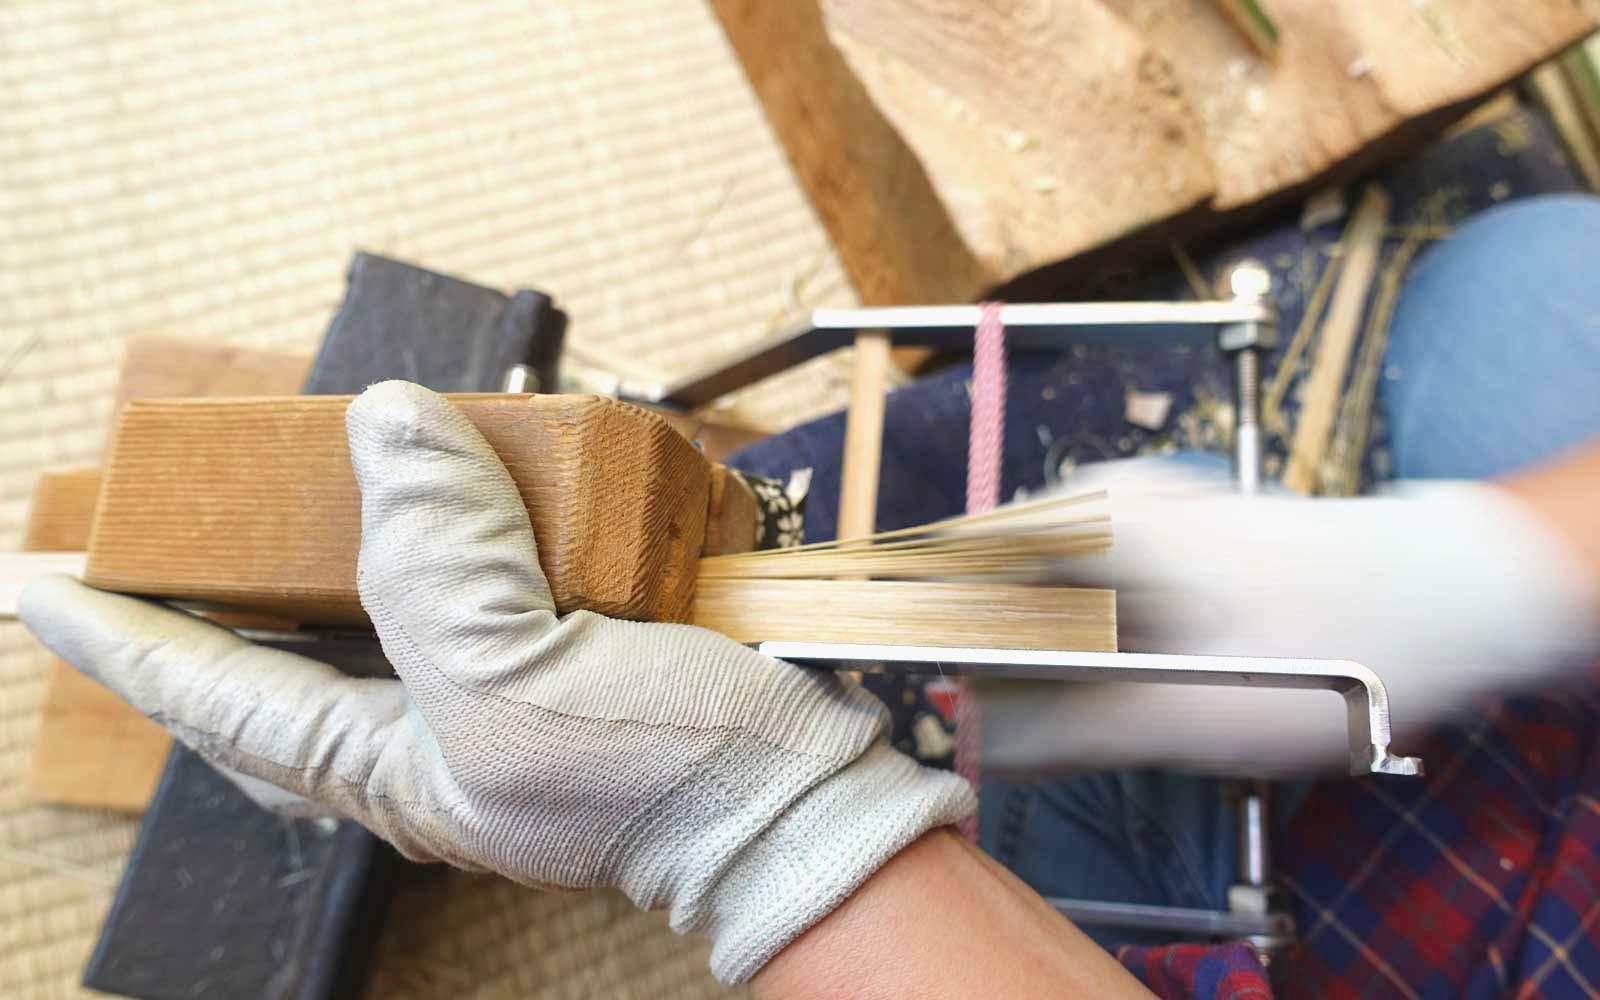 脇竹次郎氏が発明した「切込機」により大量生産が可能となった。現在の手作りうちわの製作工程でも使用されている